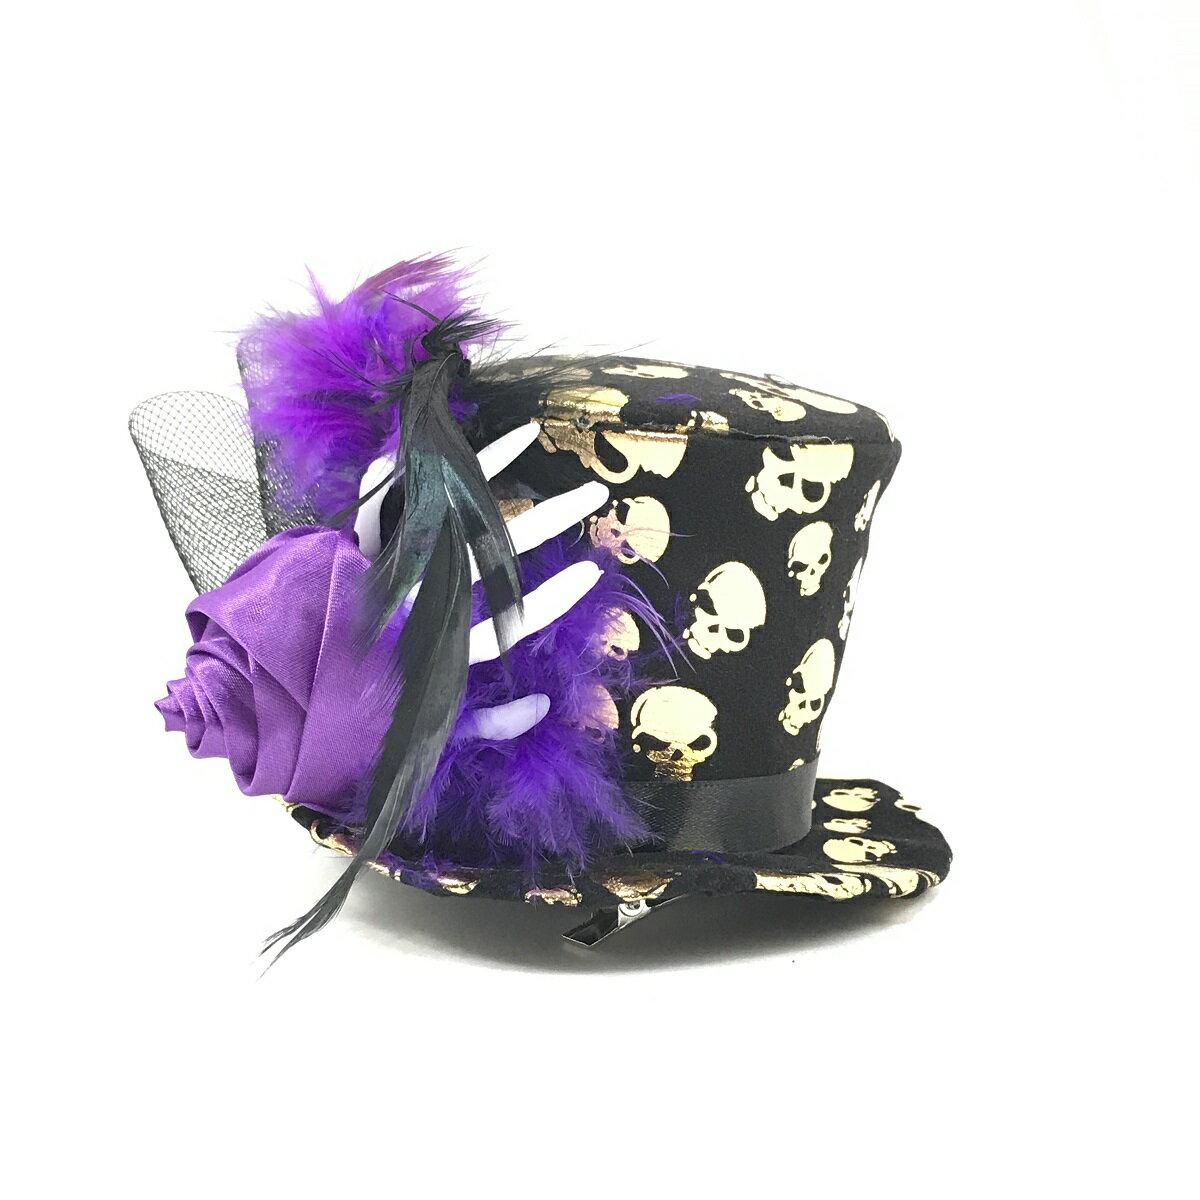 ミニハット 髪飾り ヘッドドレス ゴスロリ ハロウィーン 小さい帽子 羽 フェザー スカル